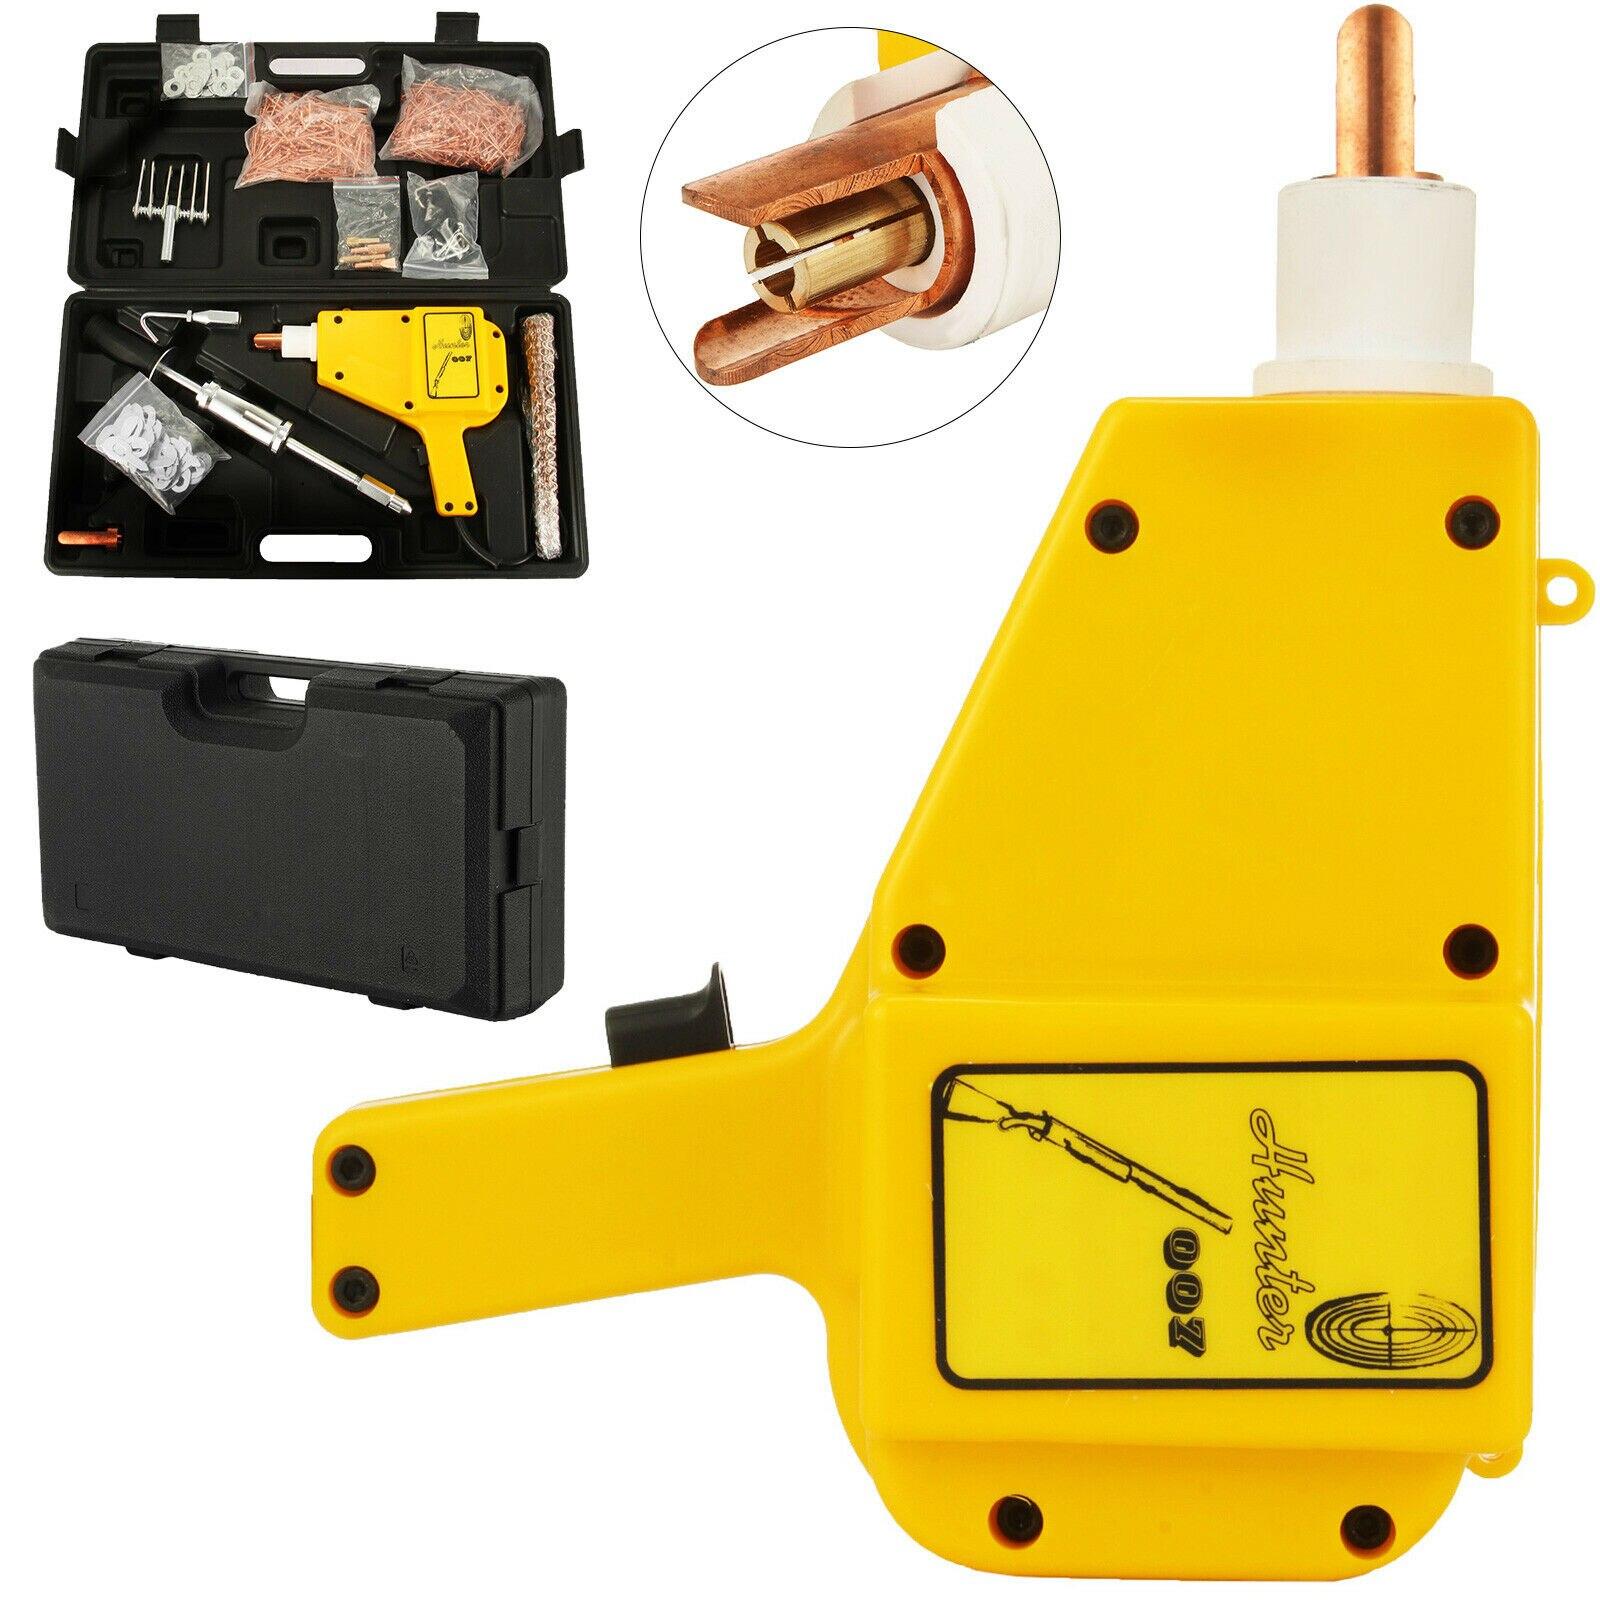 1600 A Spot Stud Welder Dent Puller Gun Welding Kit with Accessories